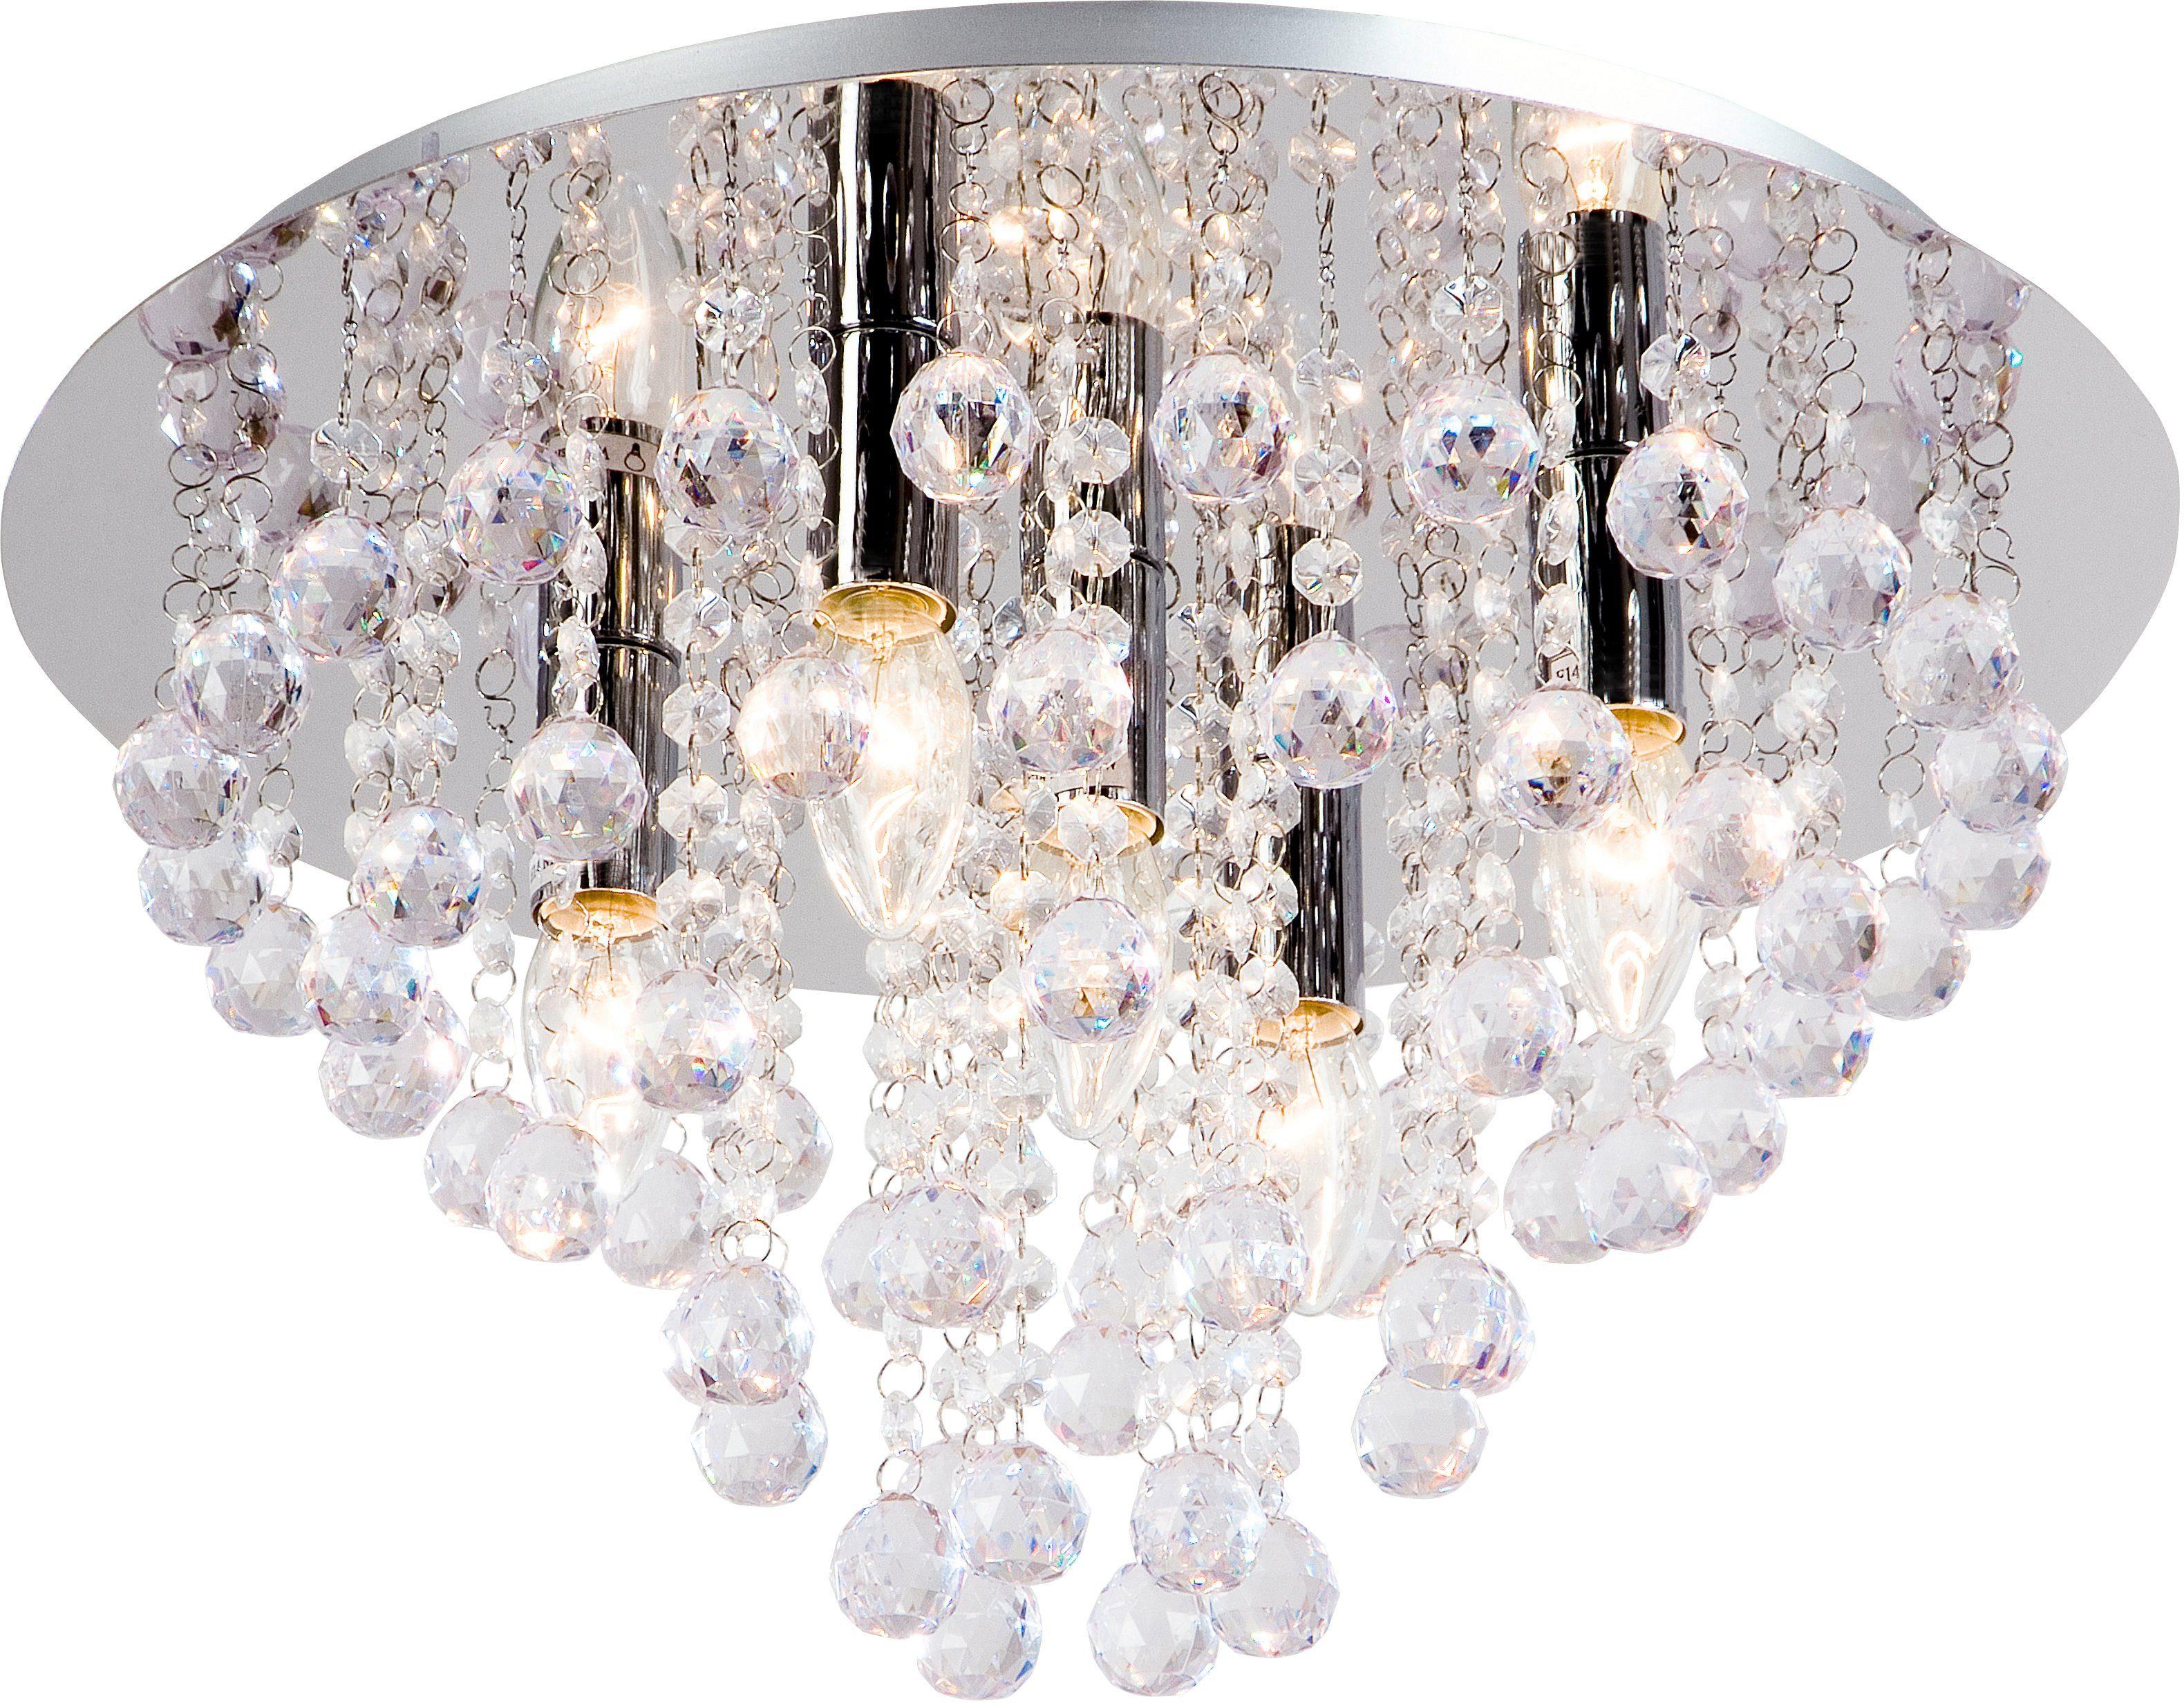 Hängelampe Kronleuchter Kristall ~ Lampe aus kristall online kaufen kristalllampe otto